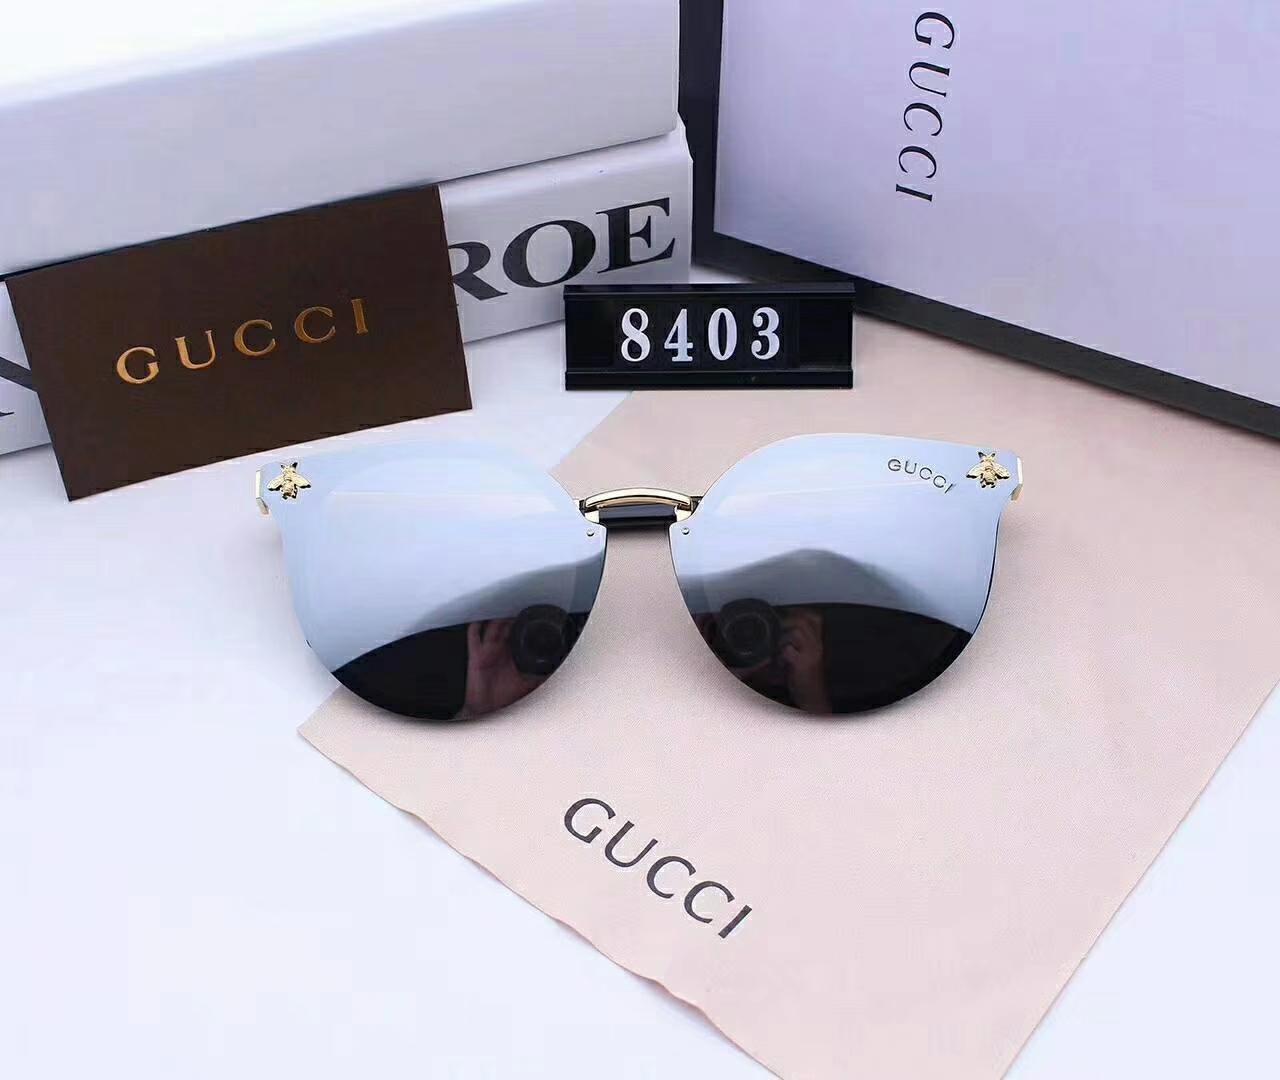 5e88286495 ... 2019 Nuevas gafas de sol de diseñador de moda 5 Estilo opcional,  bienvenido a Wholesale, somos fábrica, descuento enorme para el mayorista,  ...